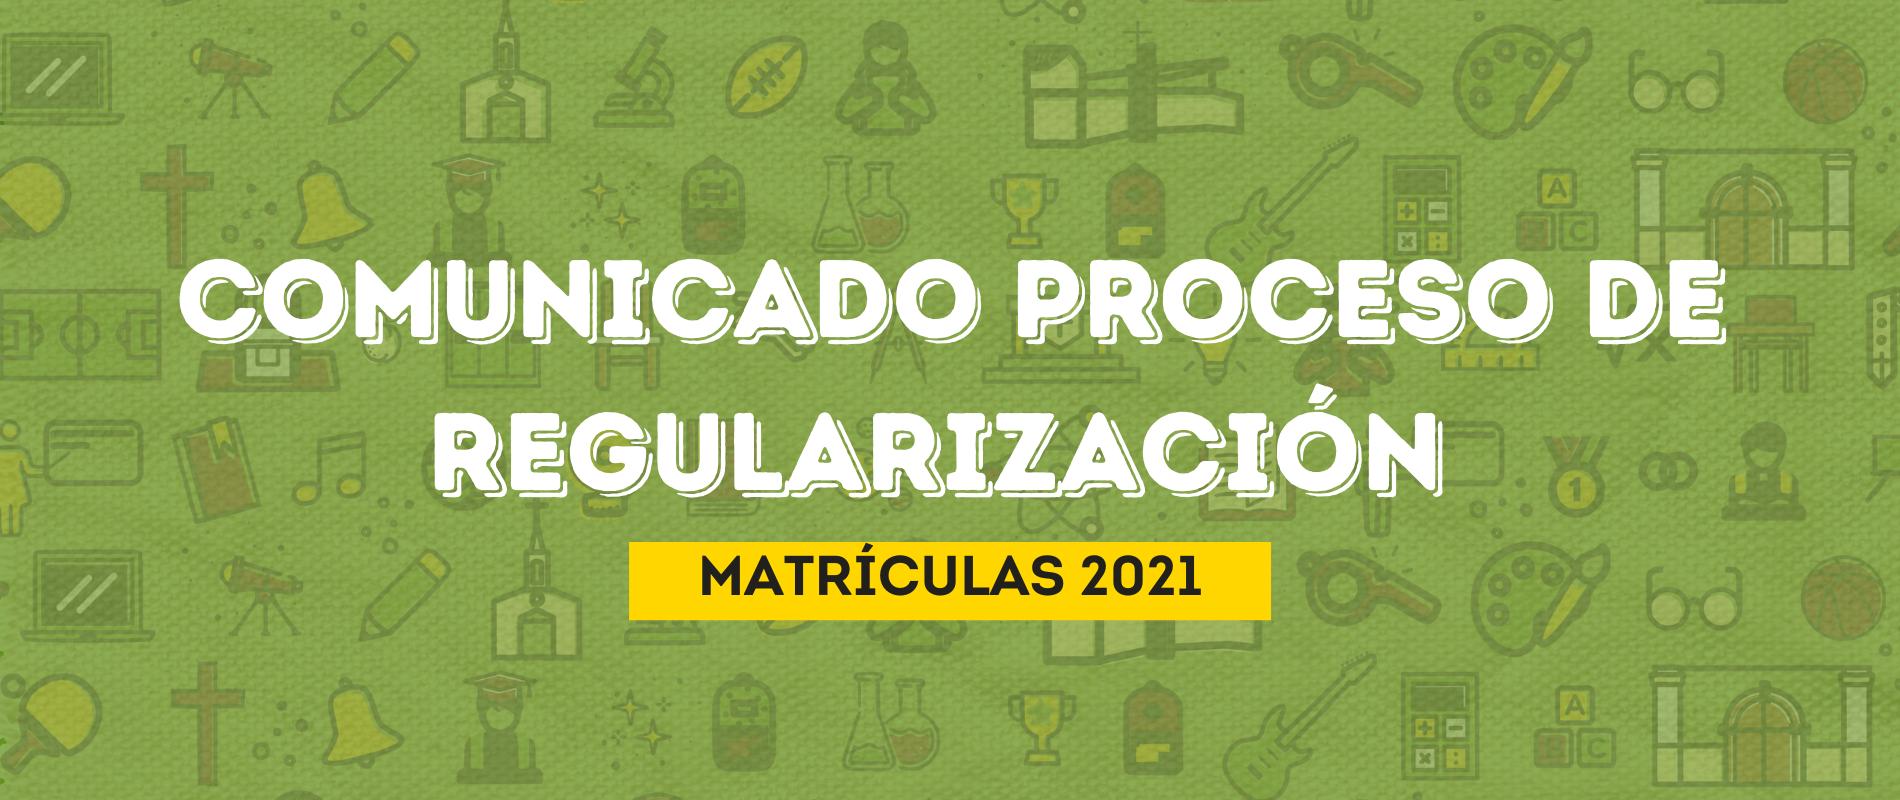 SEGUNDO COMUNICADO PROCESO DE REGULARIZACIÓN MATRÍCULAS 2021